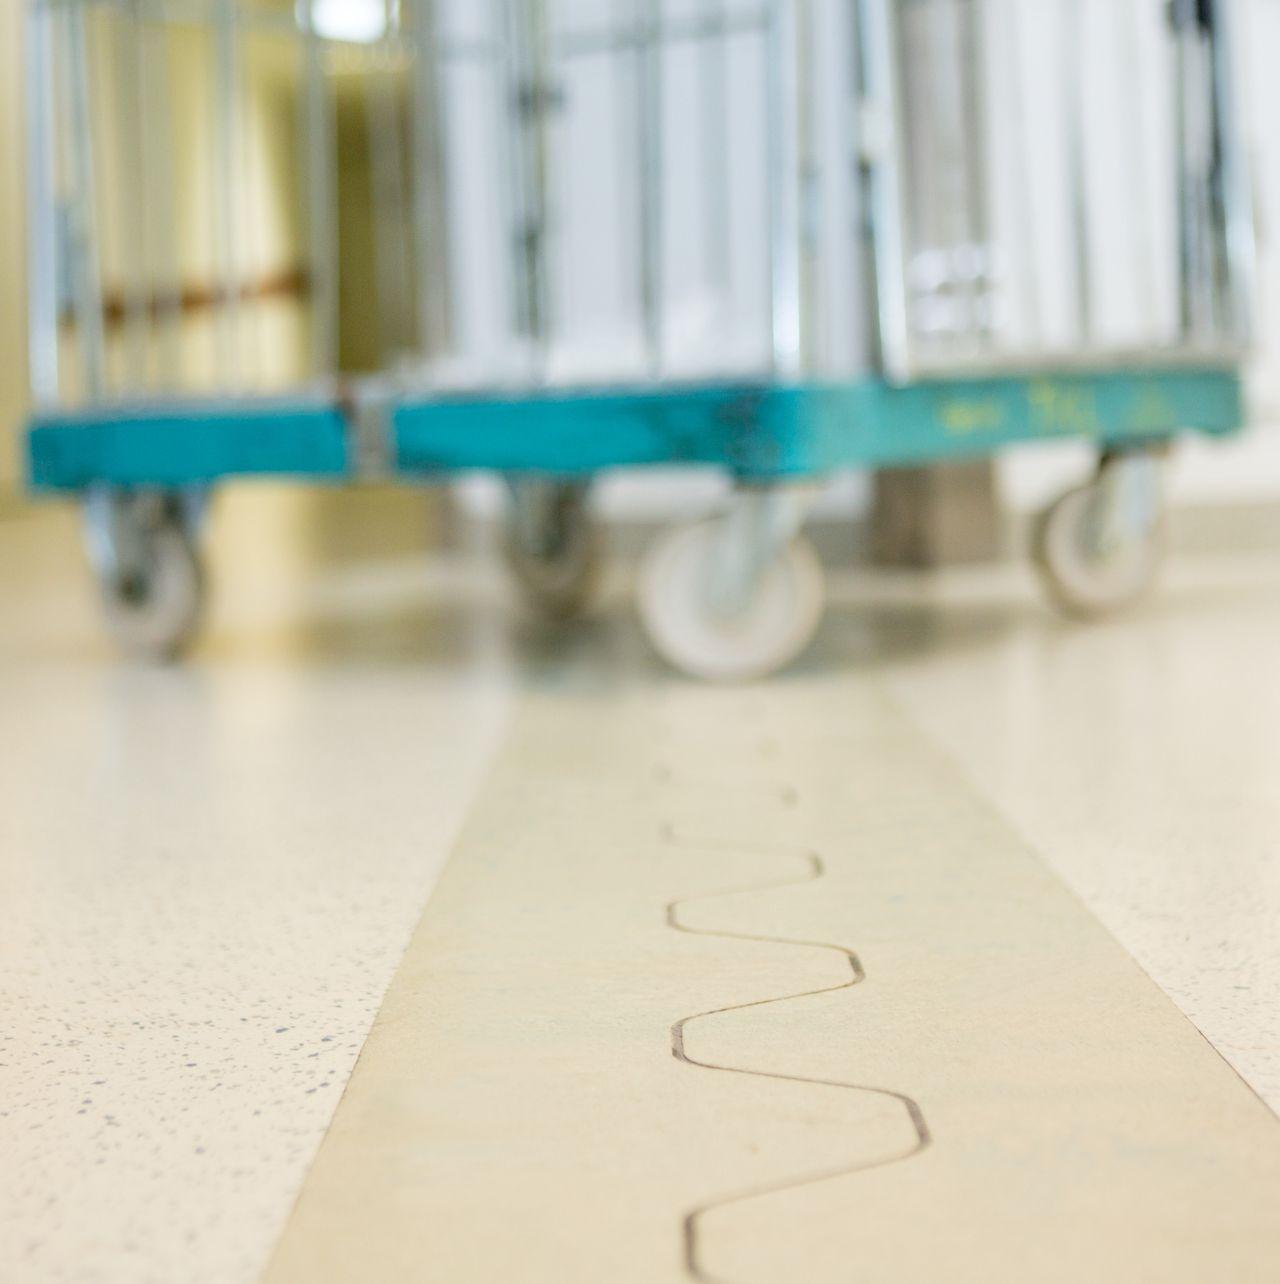 Floor joint in hospital floor